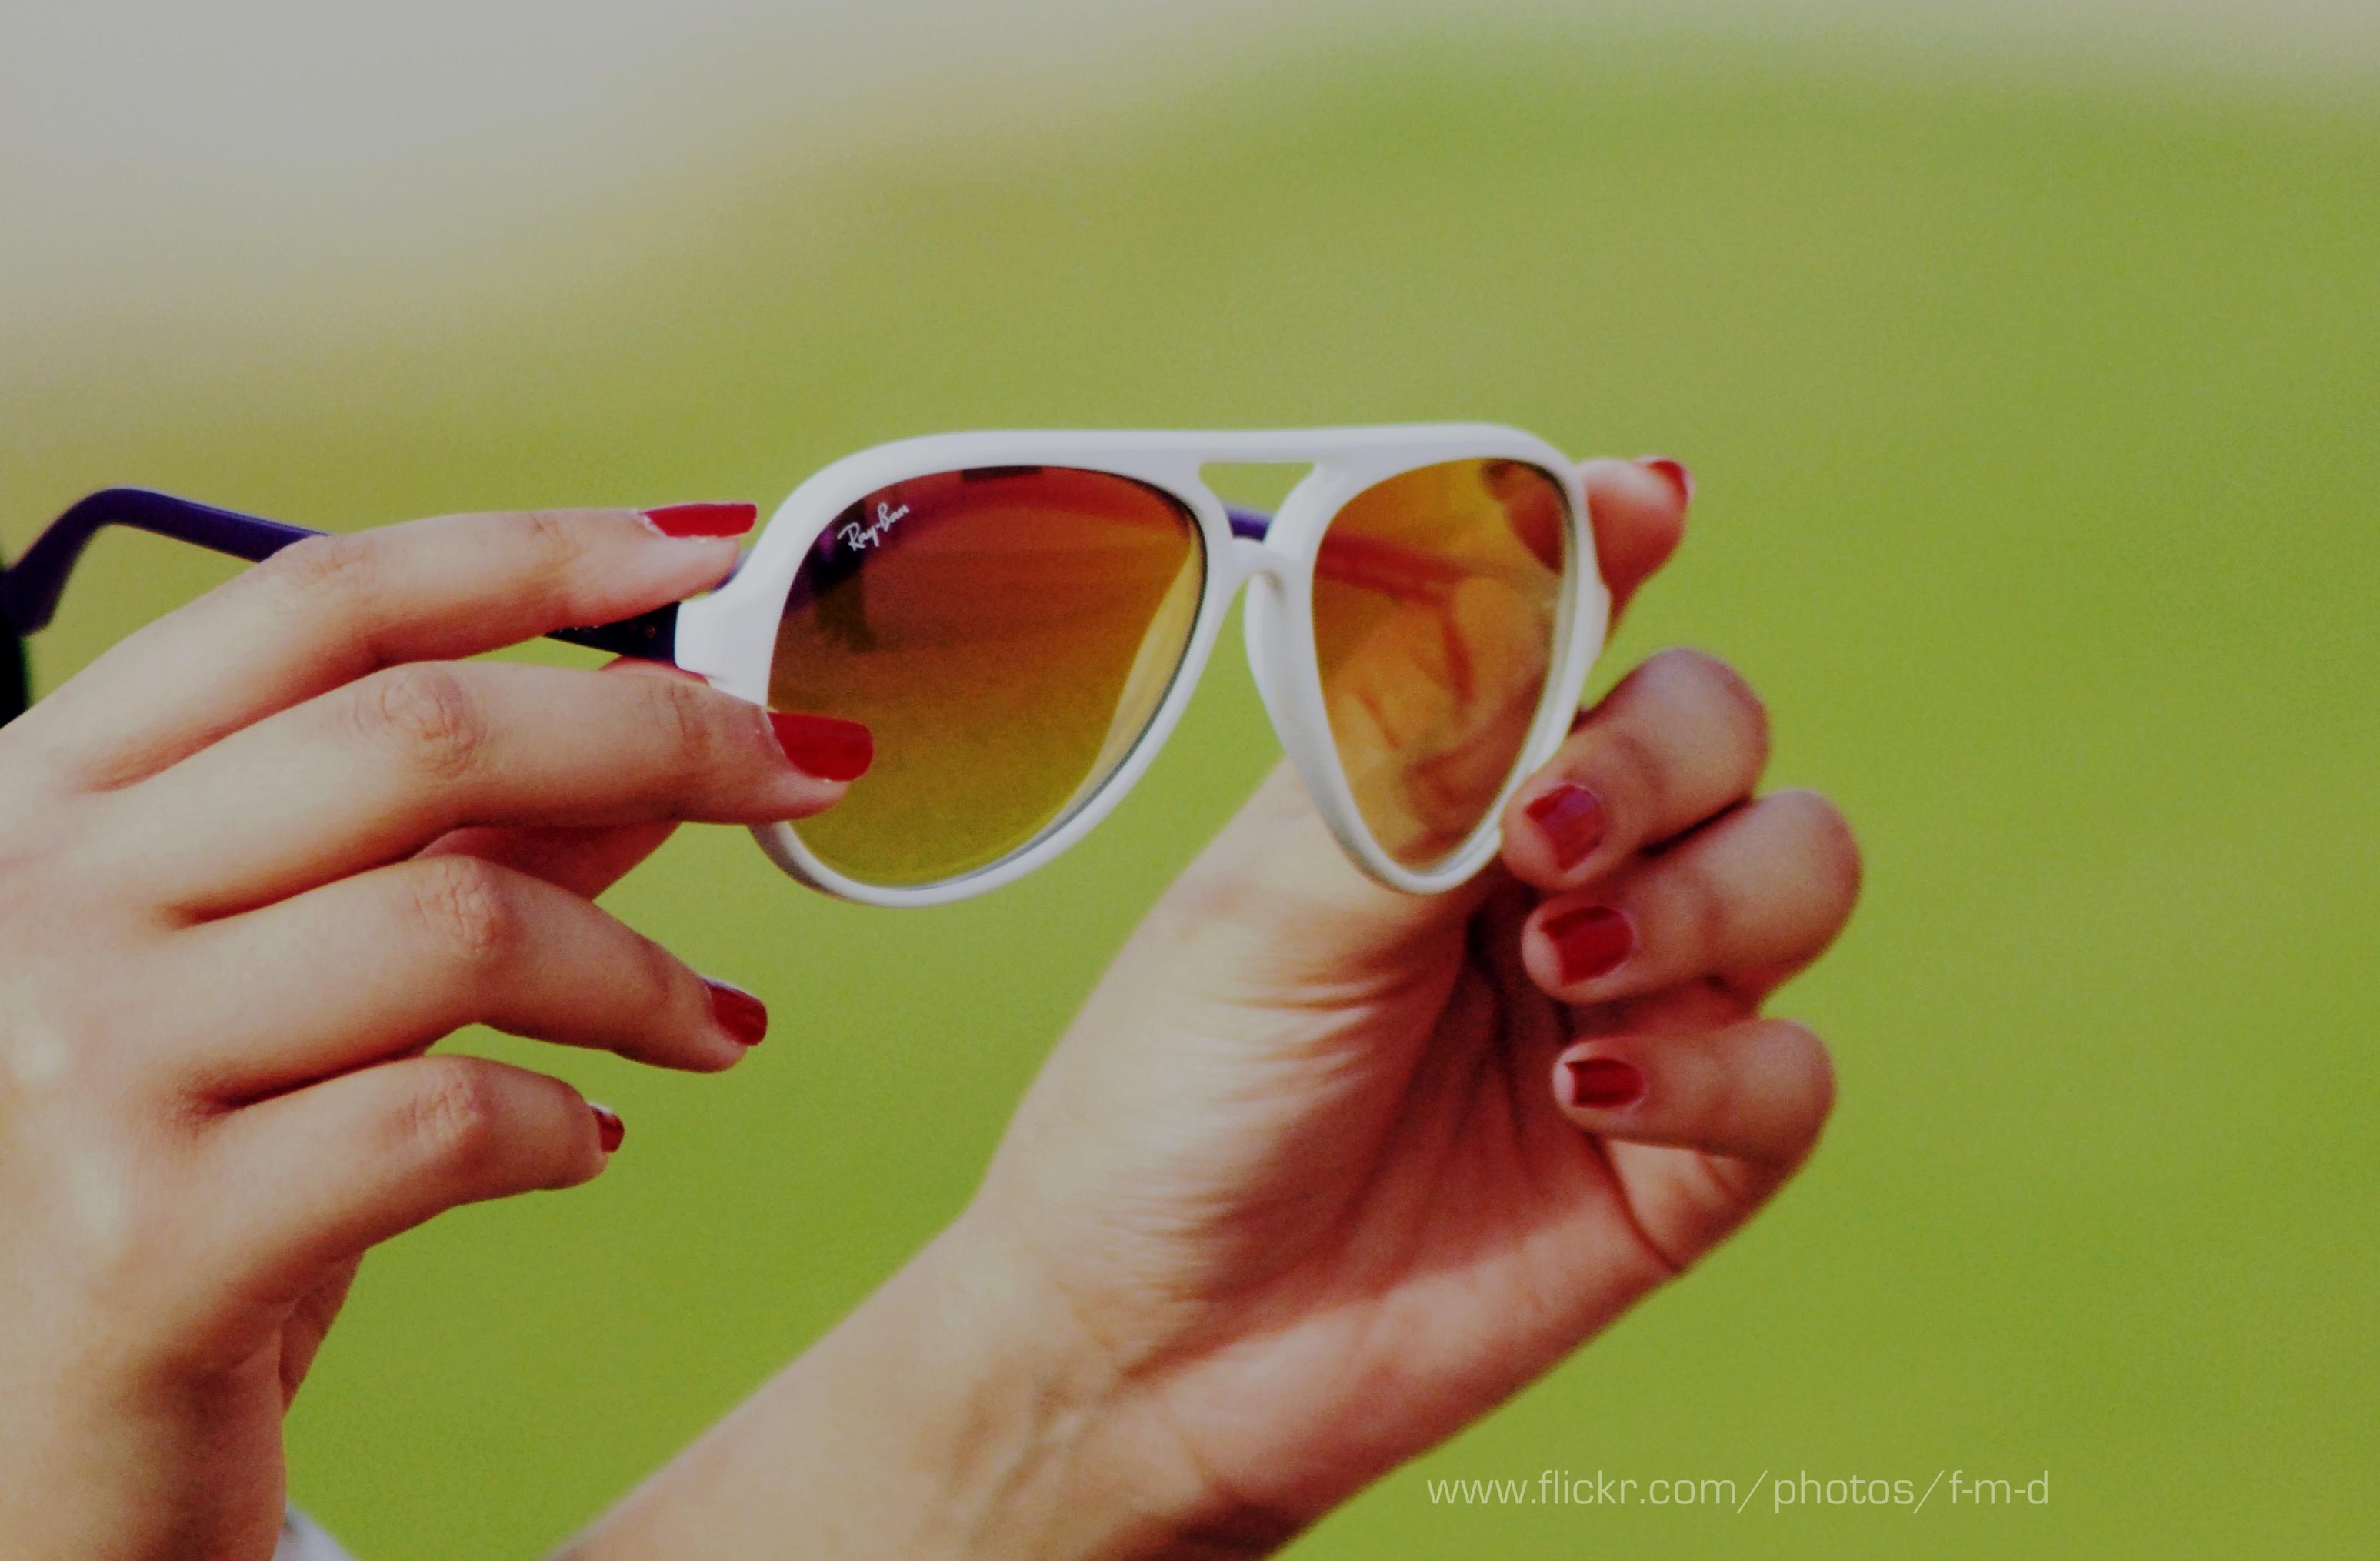 Fondos de pantalla : Gafas de sol, gafas, rojo, fotografía, verde ...